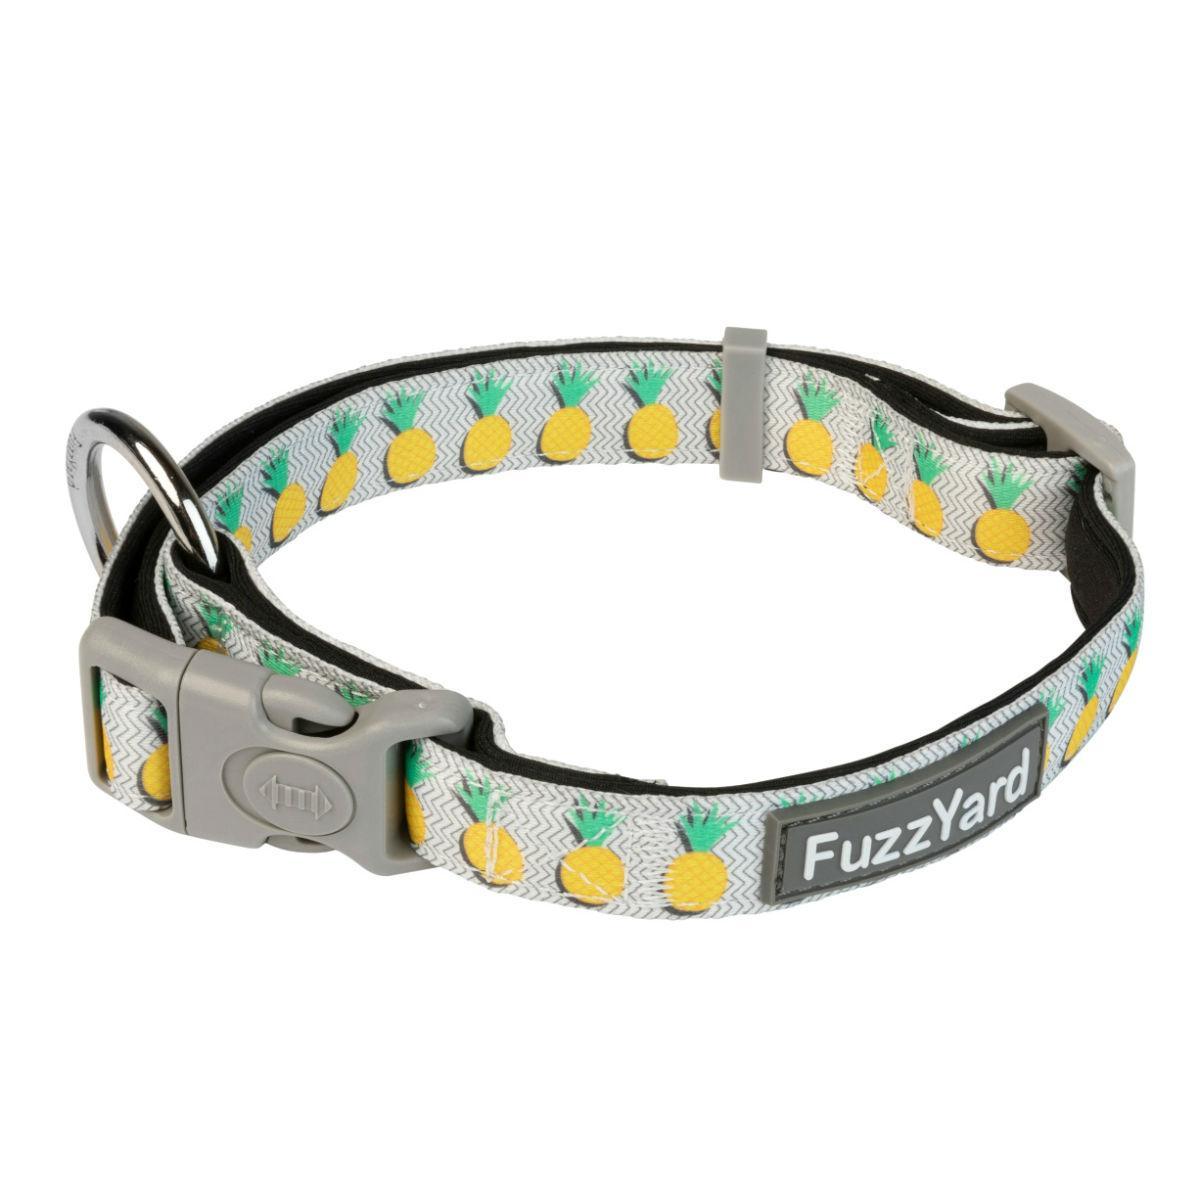 FuzzYard Pina Colada Dog Collar - Pineapples